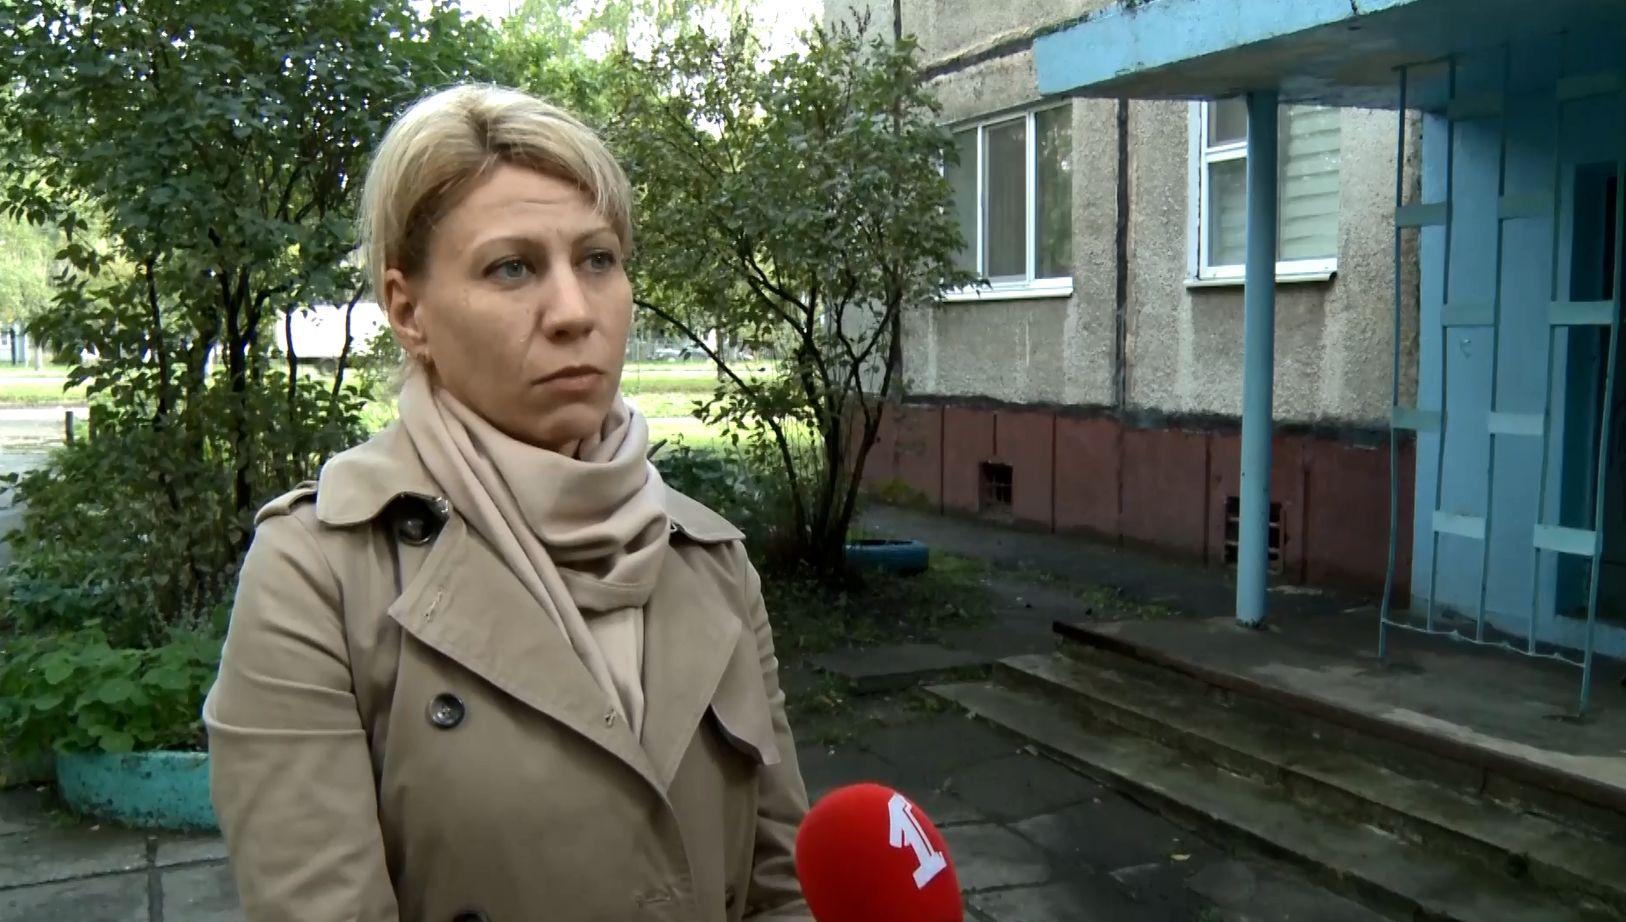 Жители Ярославля, которые не разрешают замену инженерных коммуникаций в своих квартирах, будут отвечать за это в суде